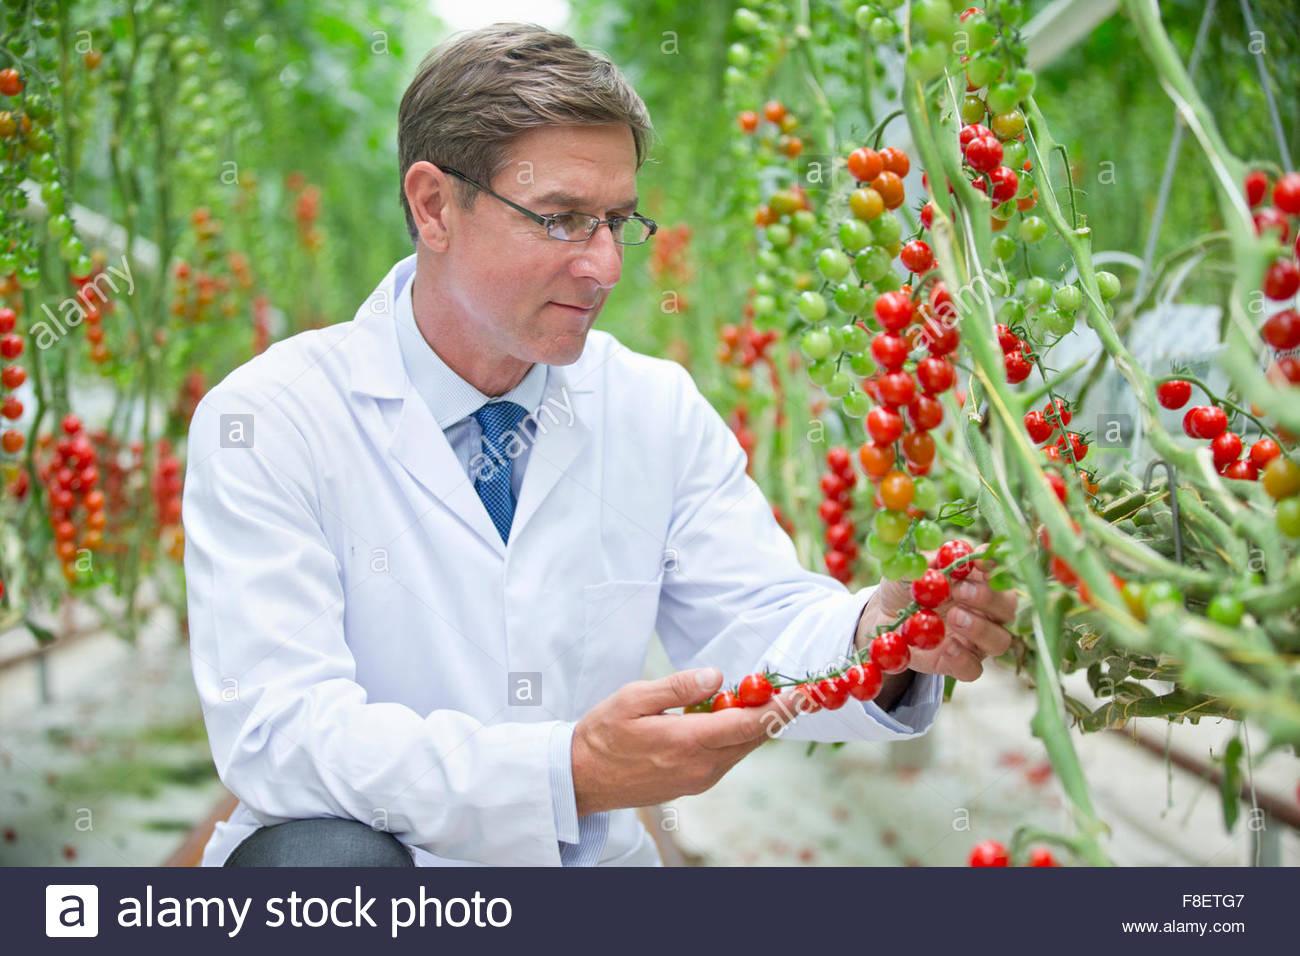 Essen-Wissenschaftler untersuchen Reife rote Rebe Tomatenpflanzen Stockbild